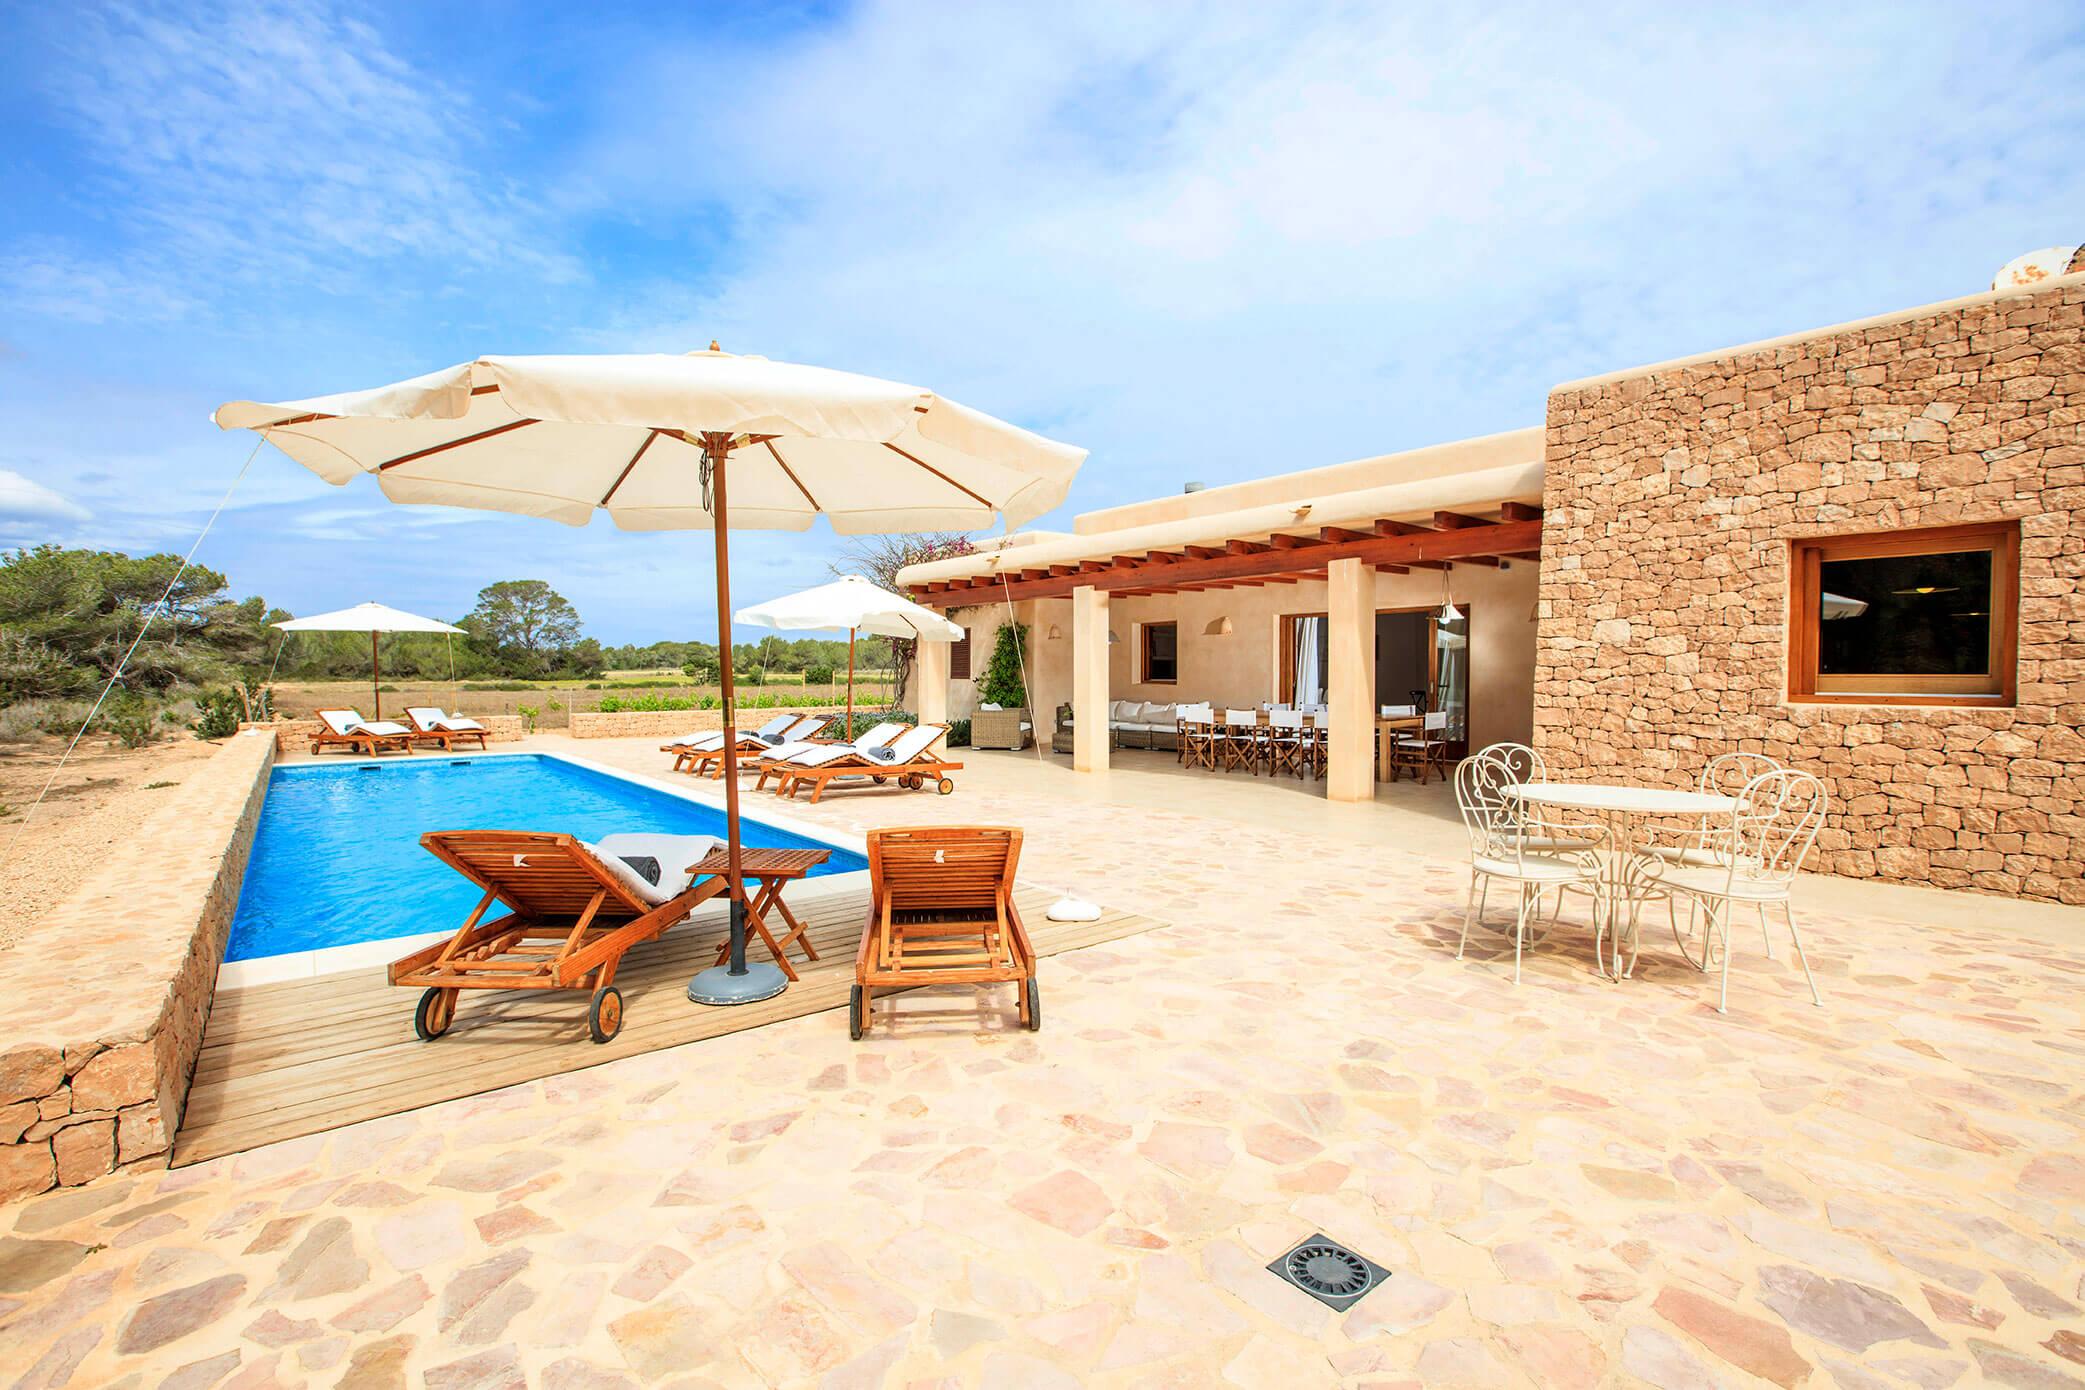 Casa rural con jardín y piscina. Villa Can Cardona en Formentera. Alojamientos Cardona